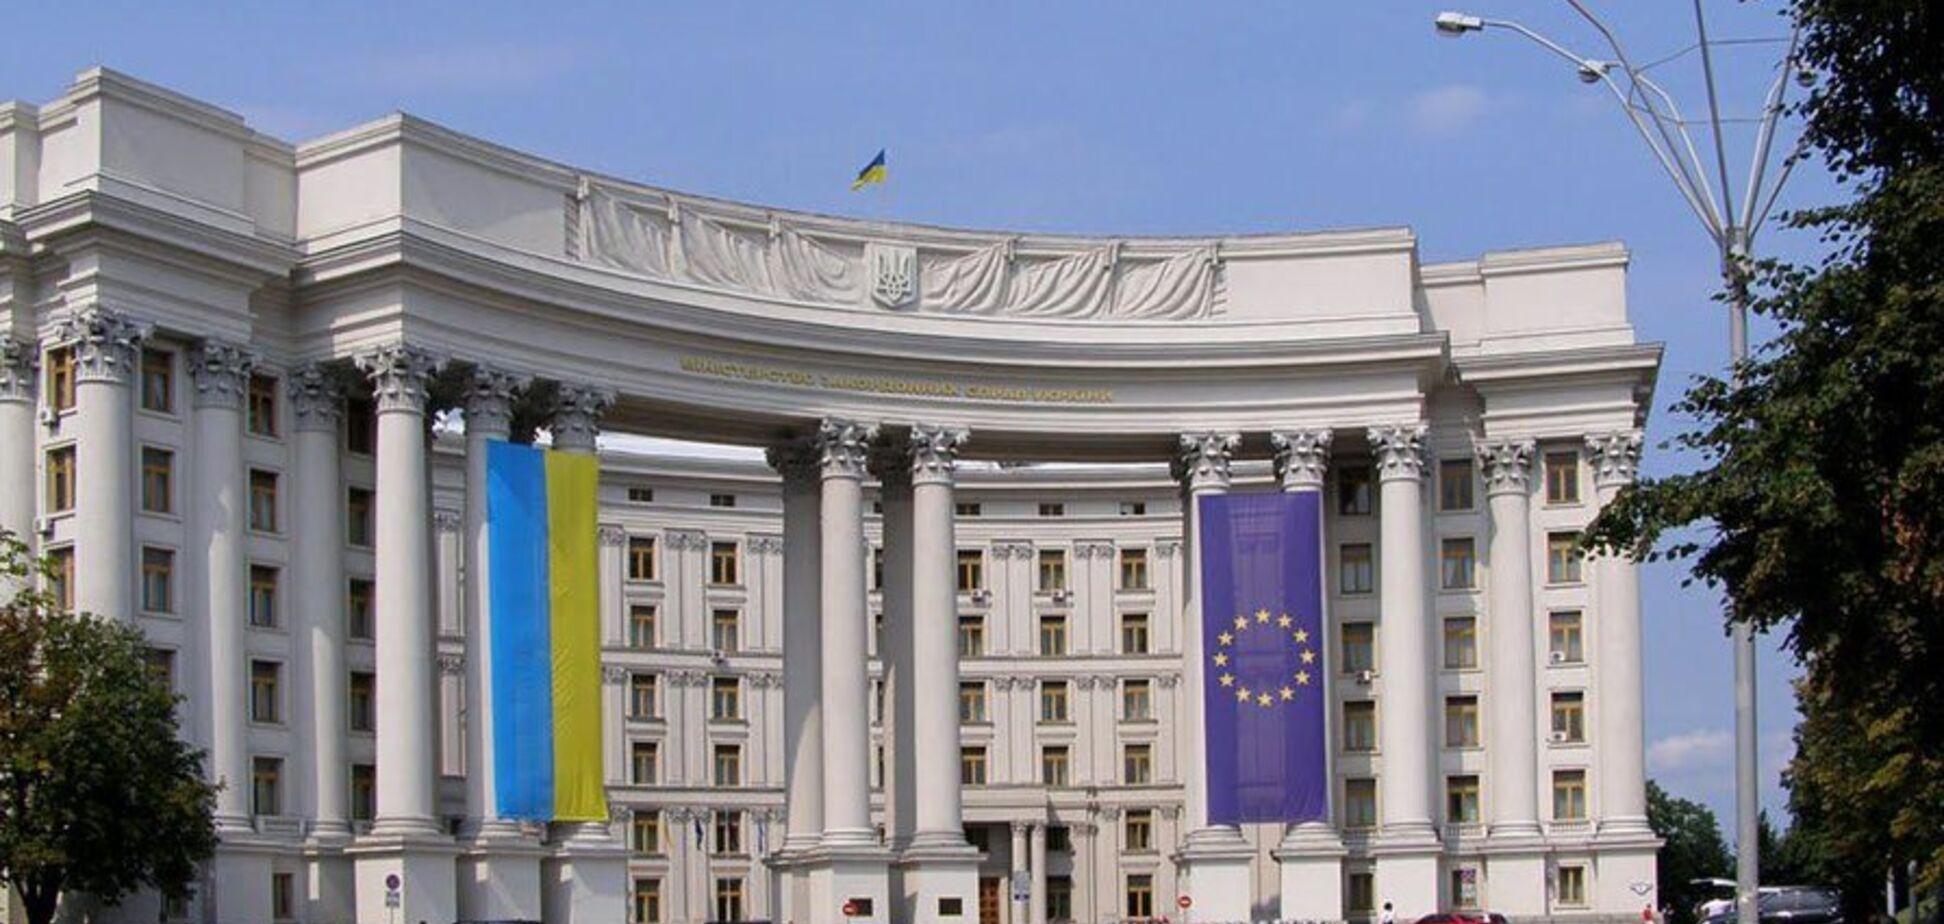 Обмен послами с Россией: в МИД ответили на замашку Лаврова